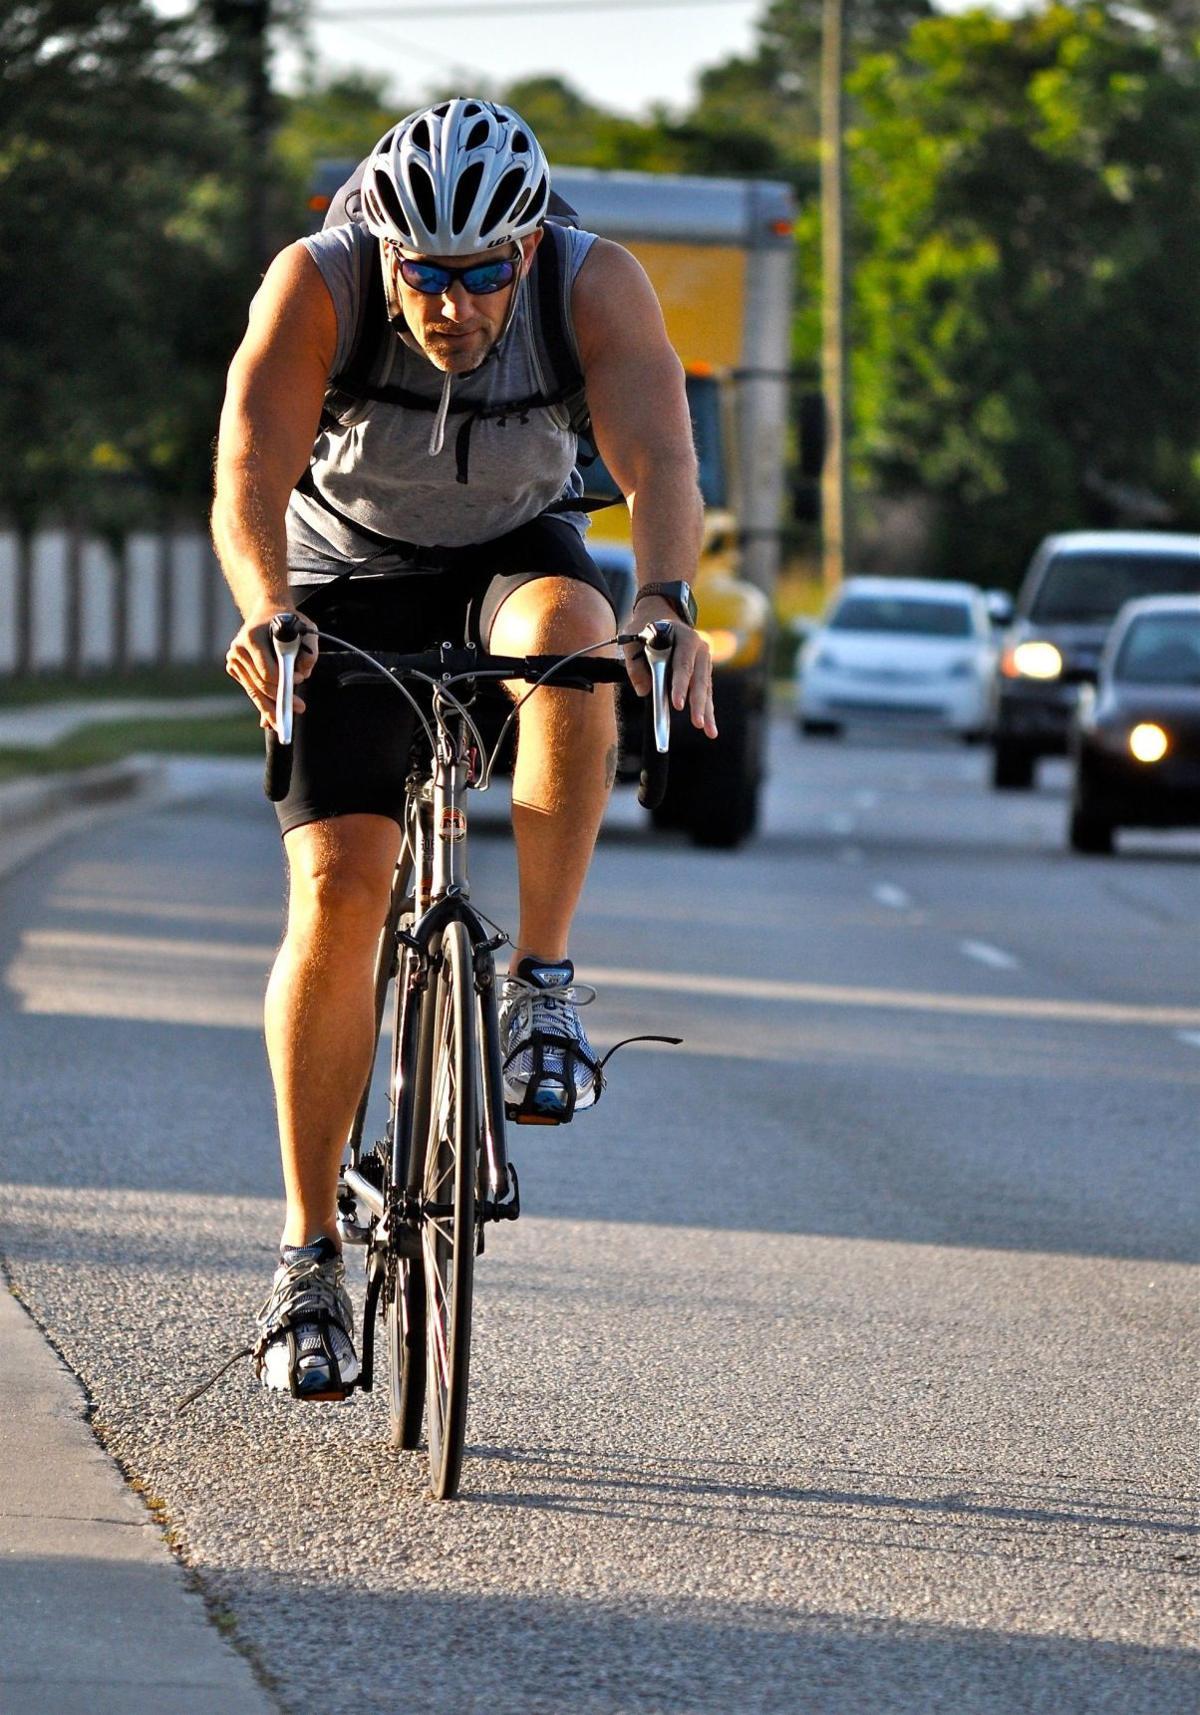 Advance safe biking to beach